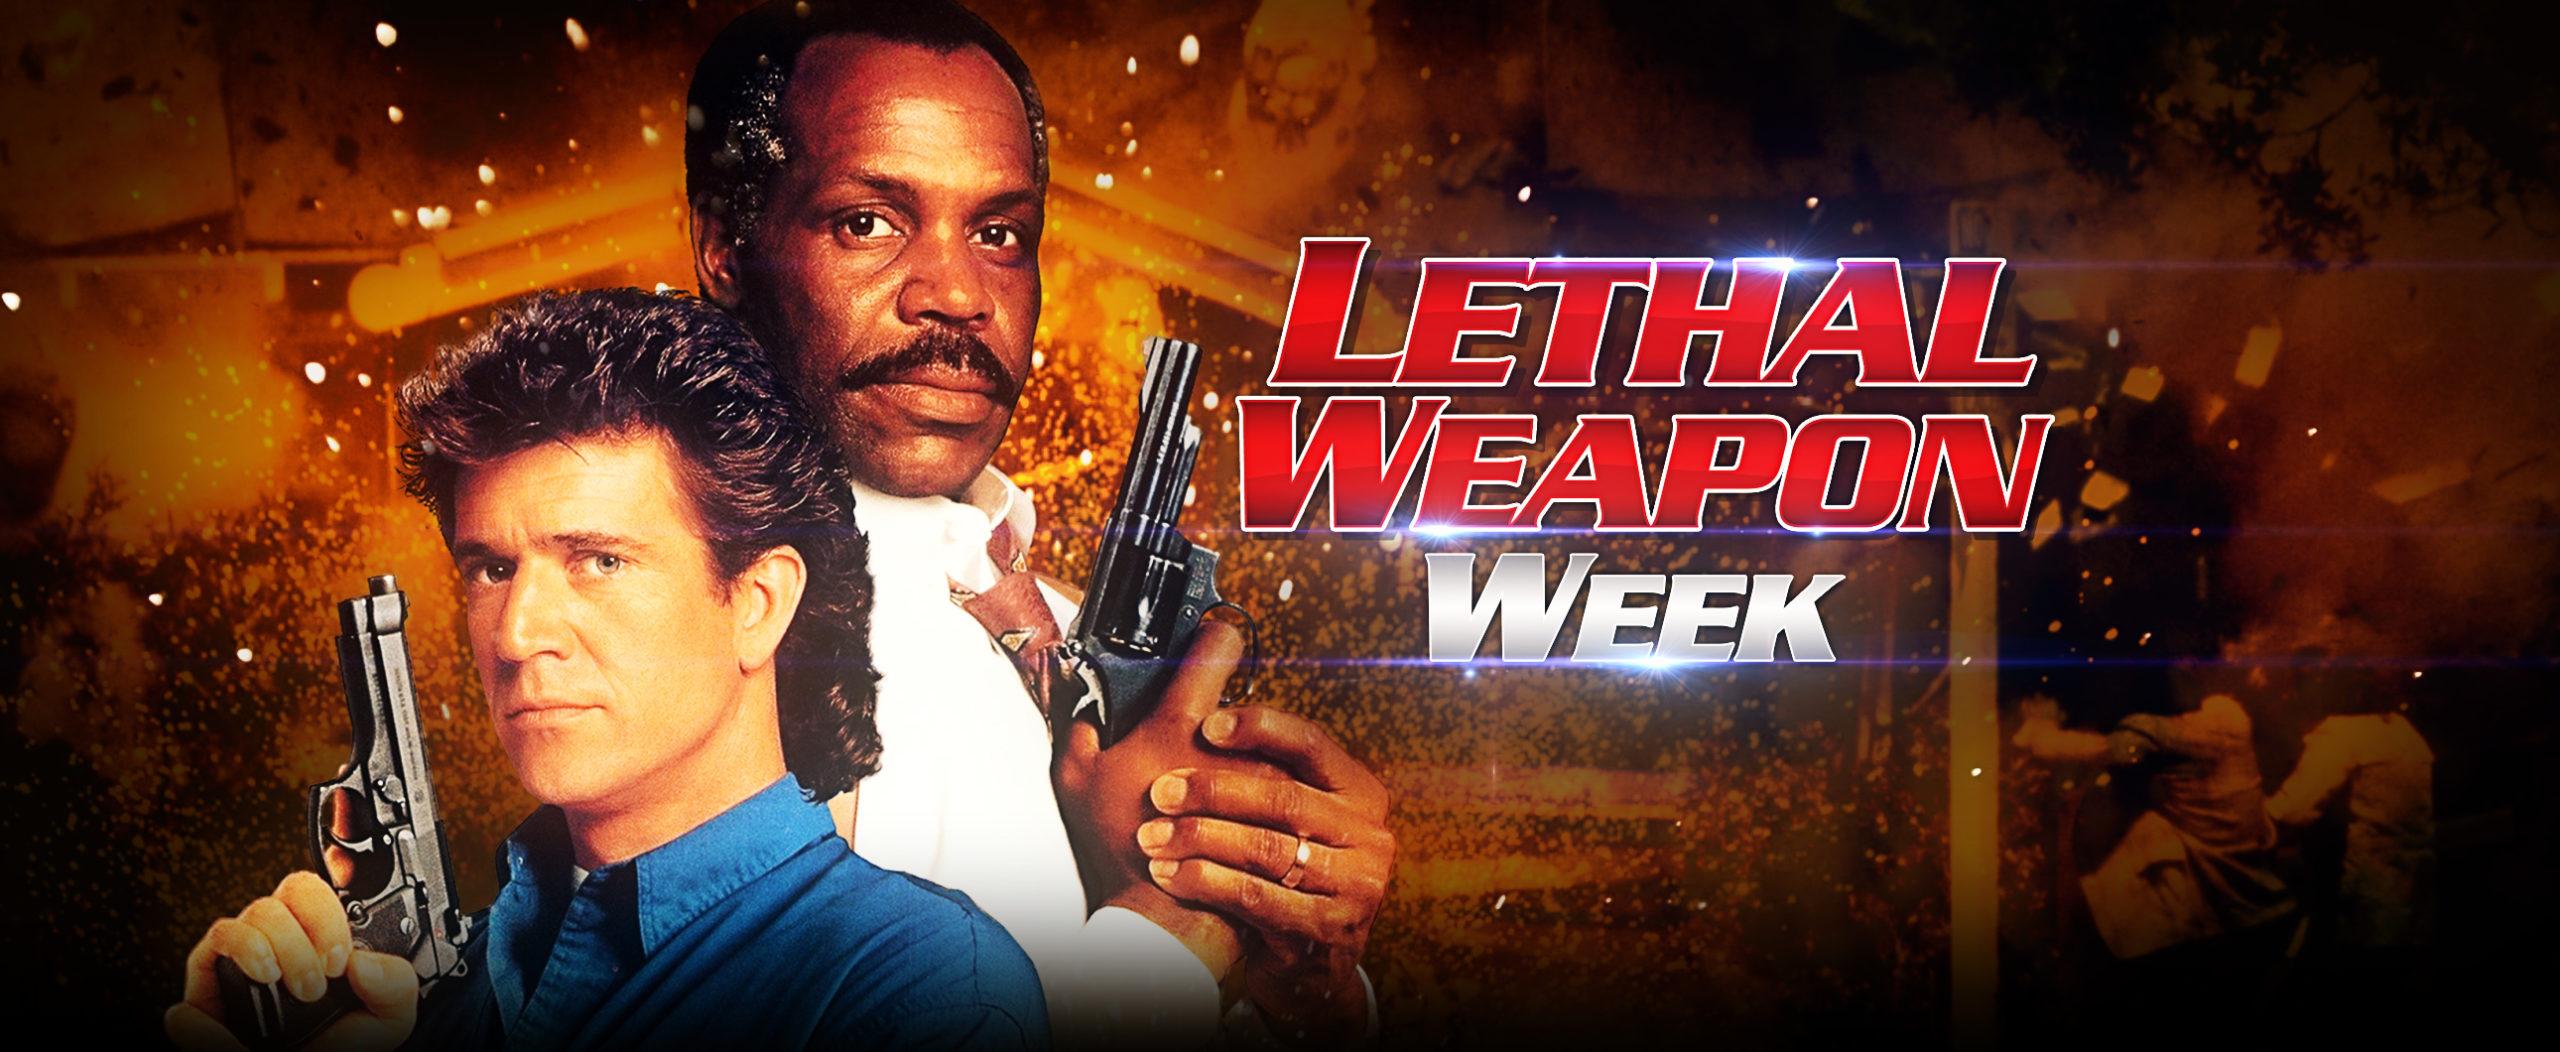 Lethal Weapon Week